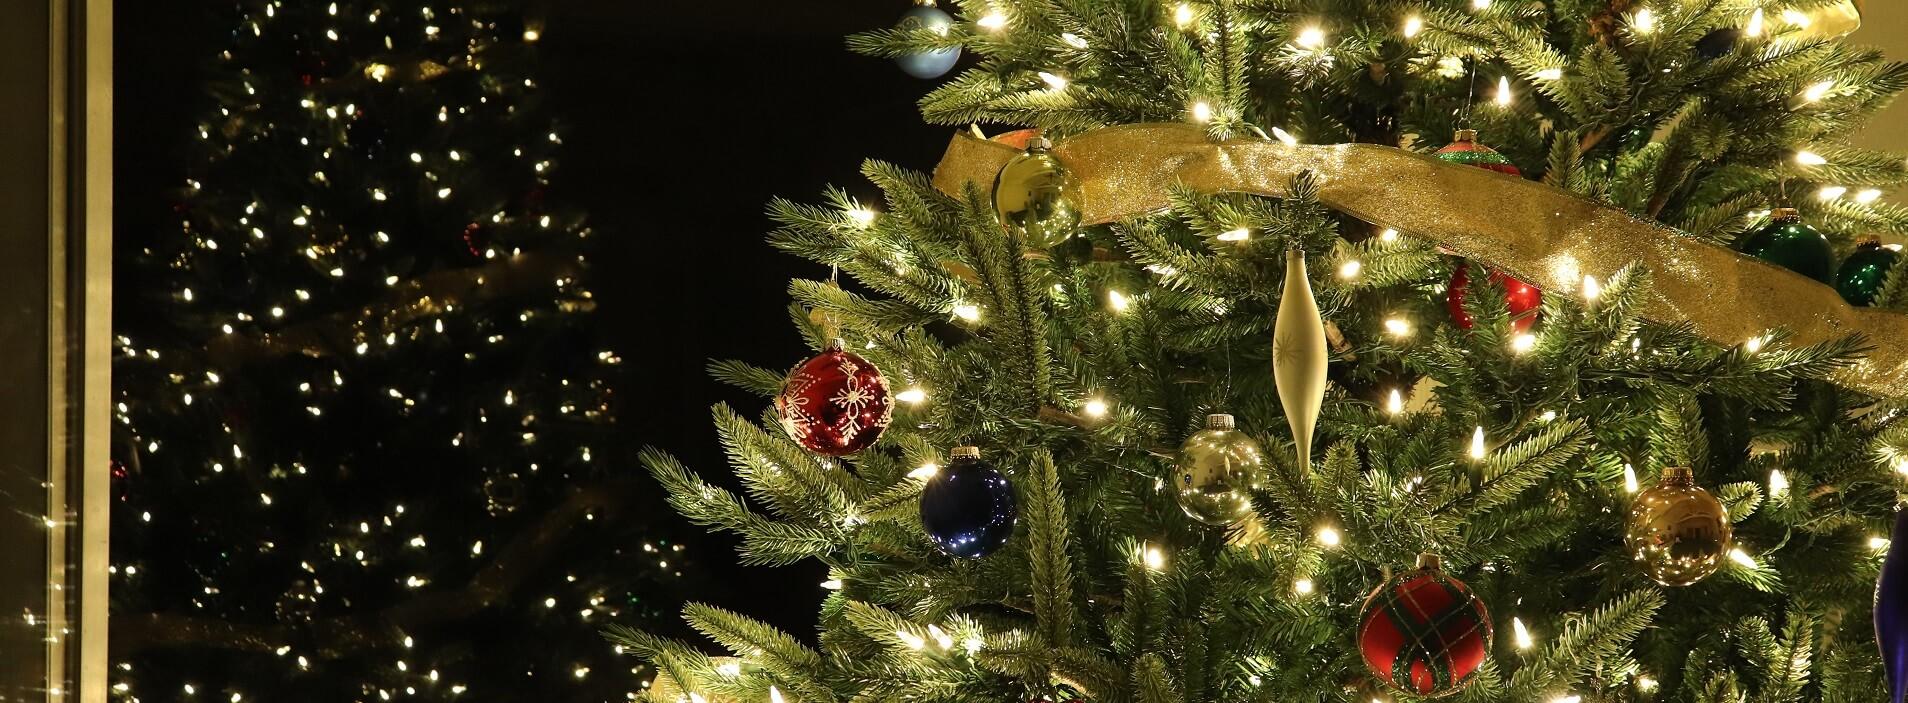 Image 4 – 2019 12 25 Christmas tree